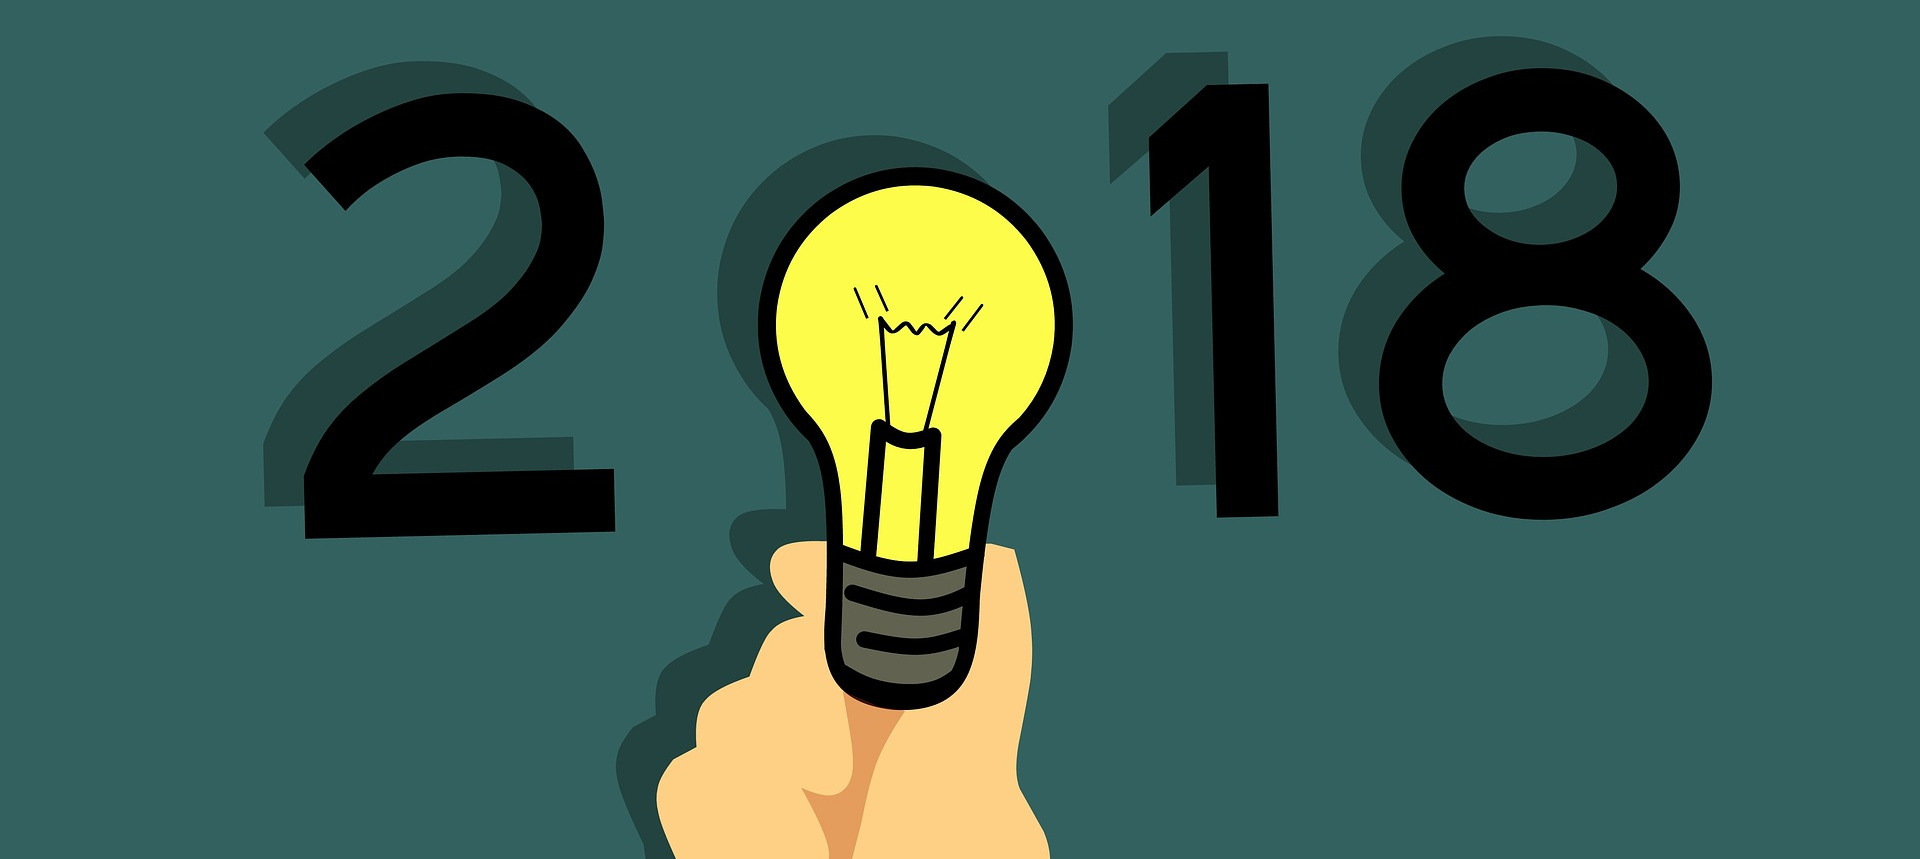 Vuosiluku 2018 ja lamppu